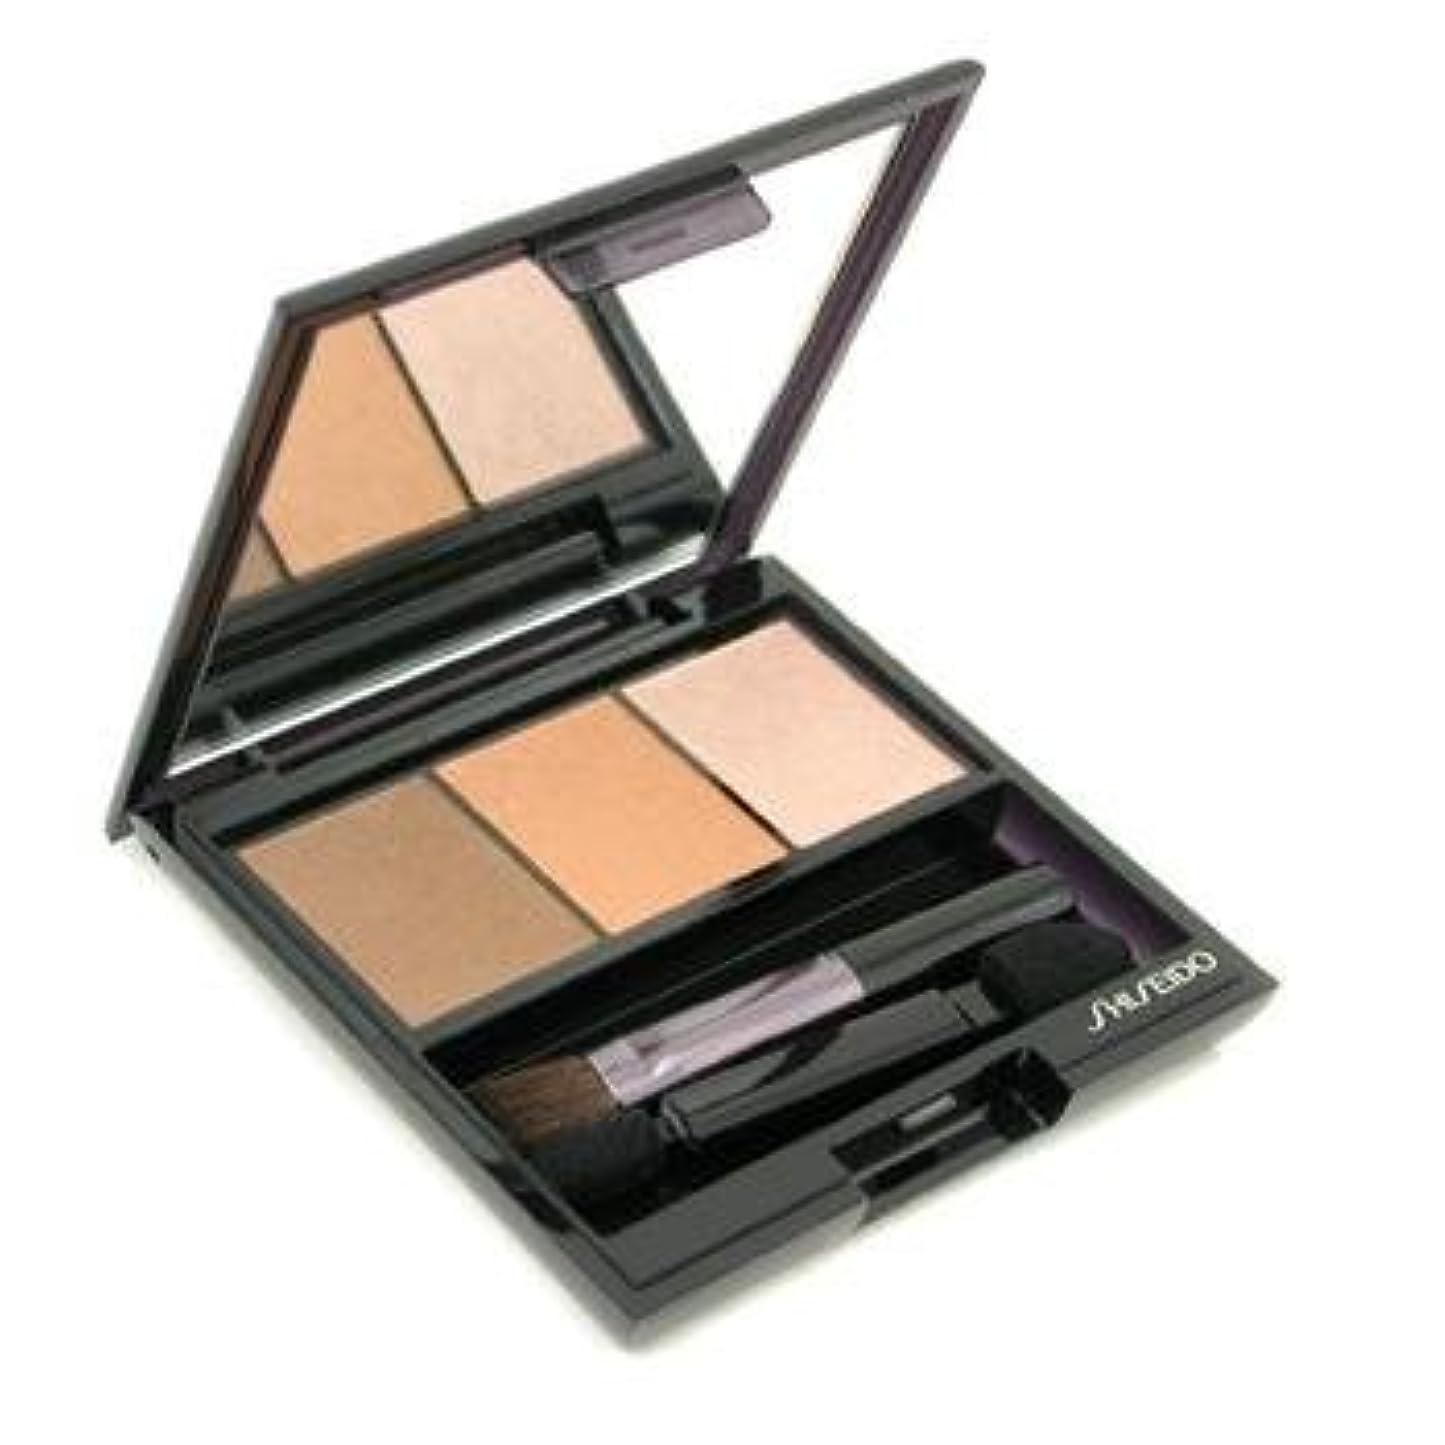 統合するルーフ対処する資生堂 ルミナイジング サテン アイカラー トリオ BR209(Shiseido Luminizing Satin Eye Color Trio BR209) [並行輸入品]